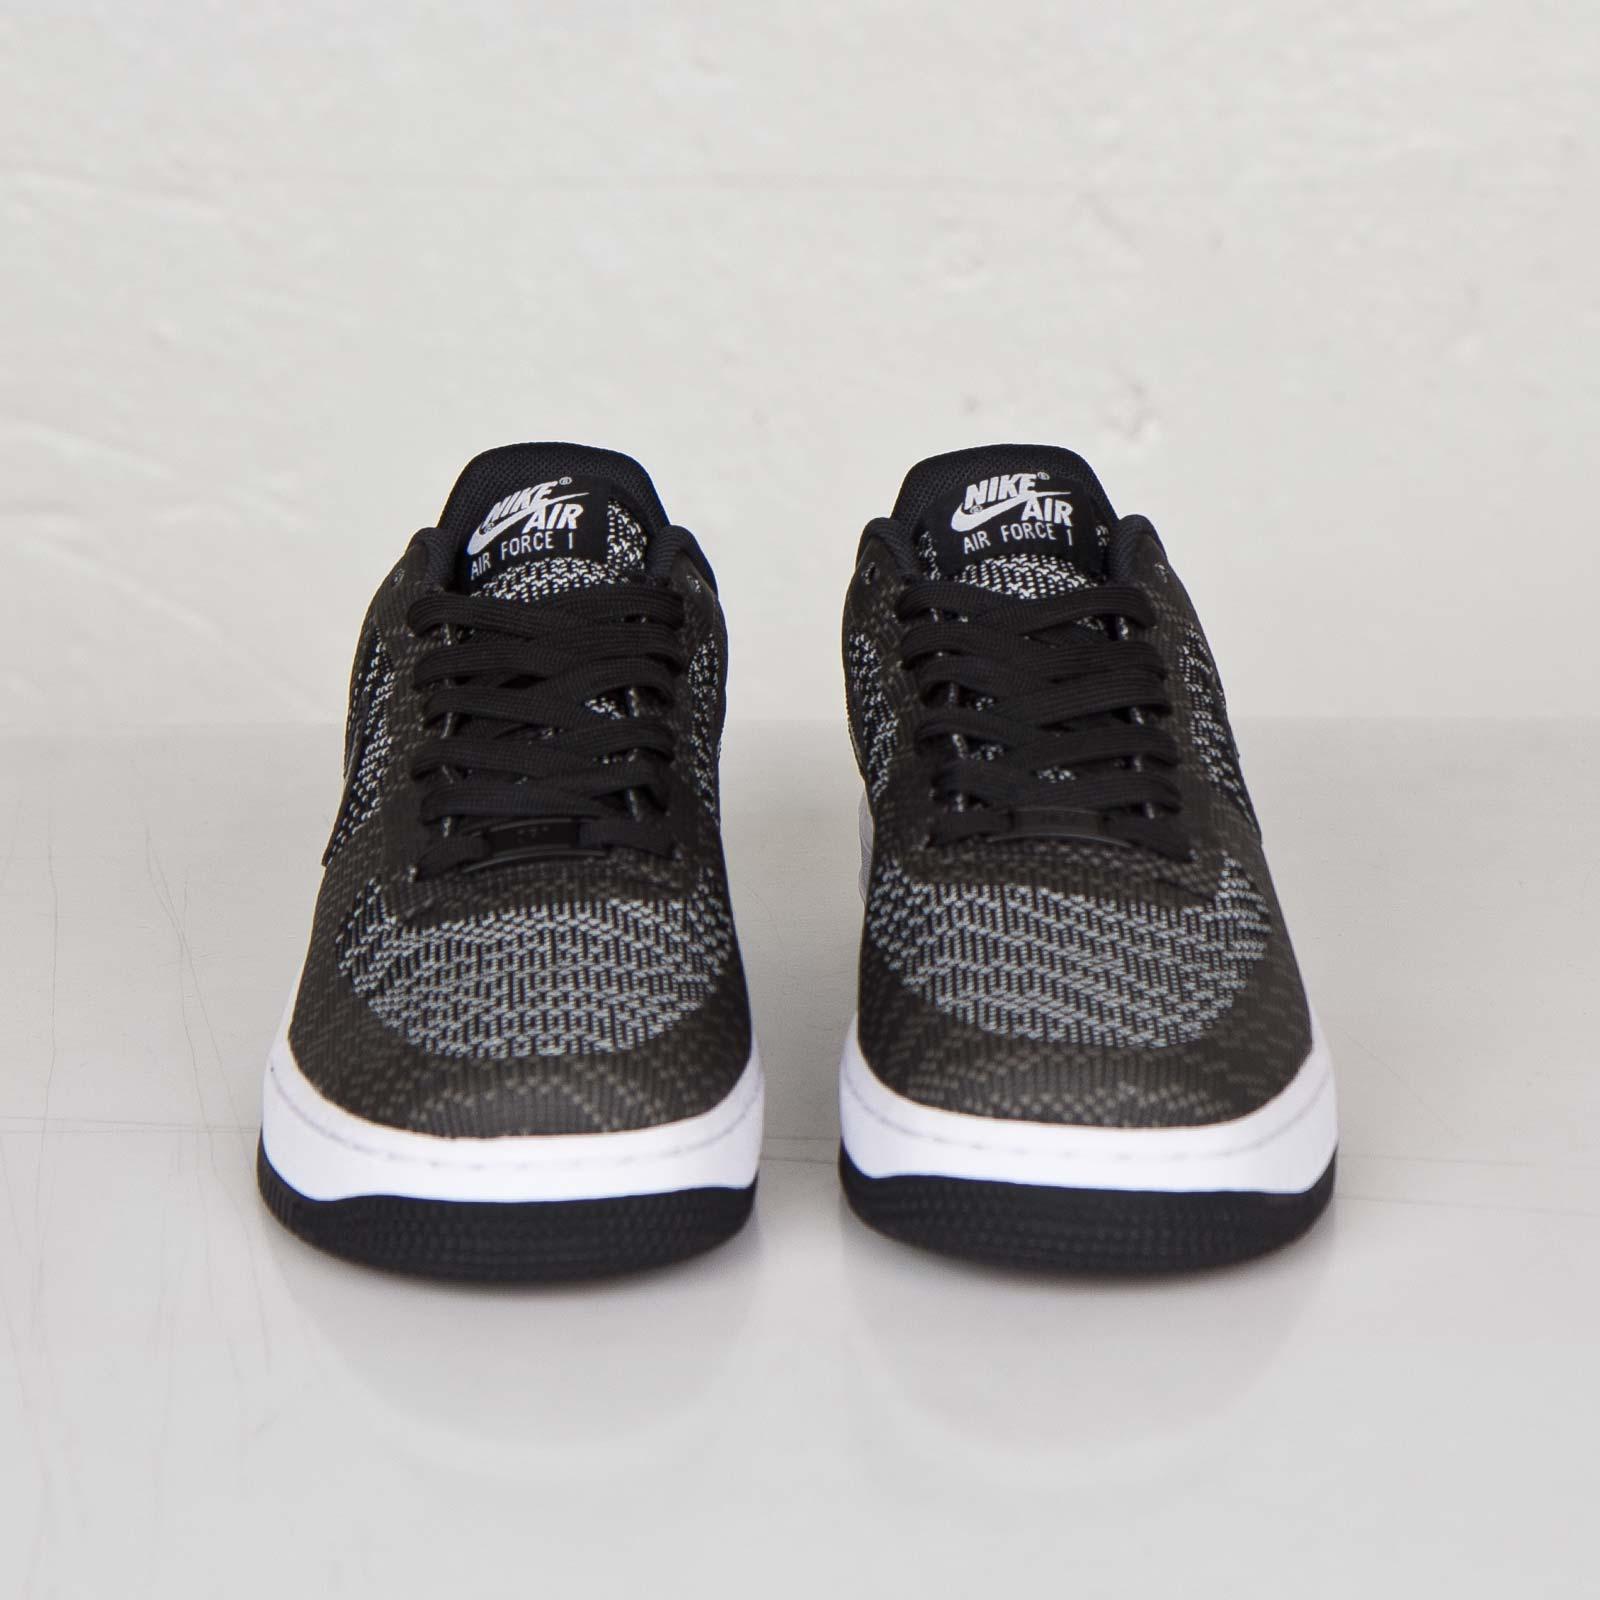 sale retailer e5224 a545a Nike W Air Force 1 07 Knit Jacquard - 718350-100 - Sneakersnstuff    sneakers   streetwear online since 1999